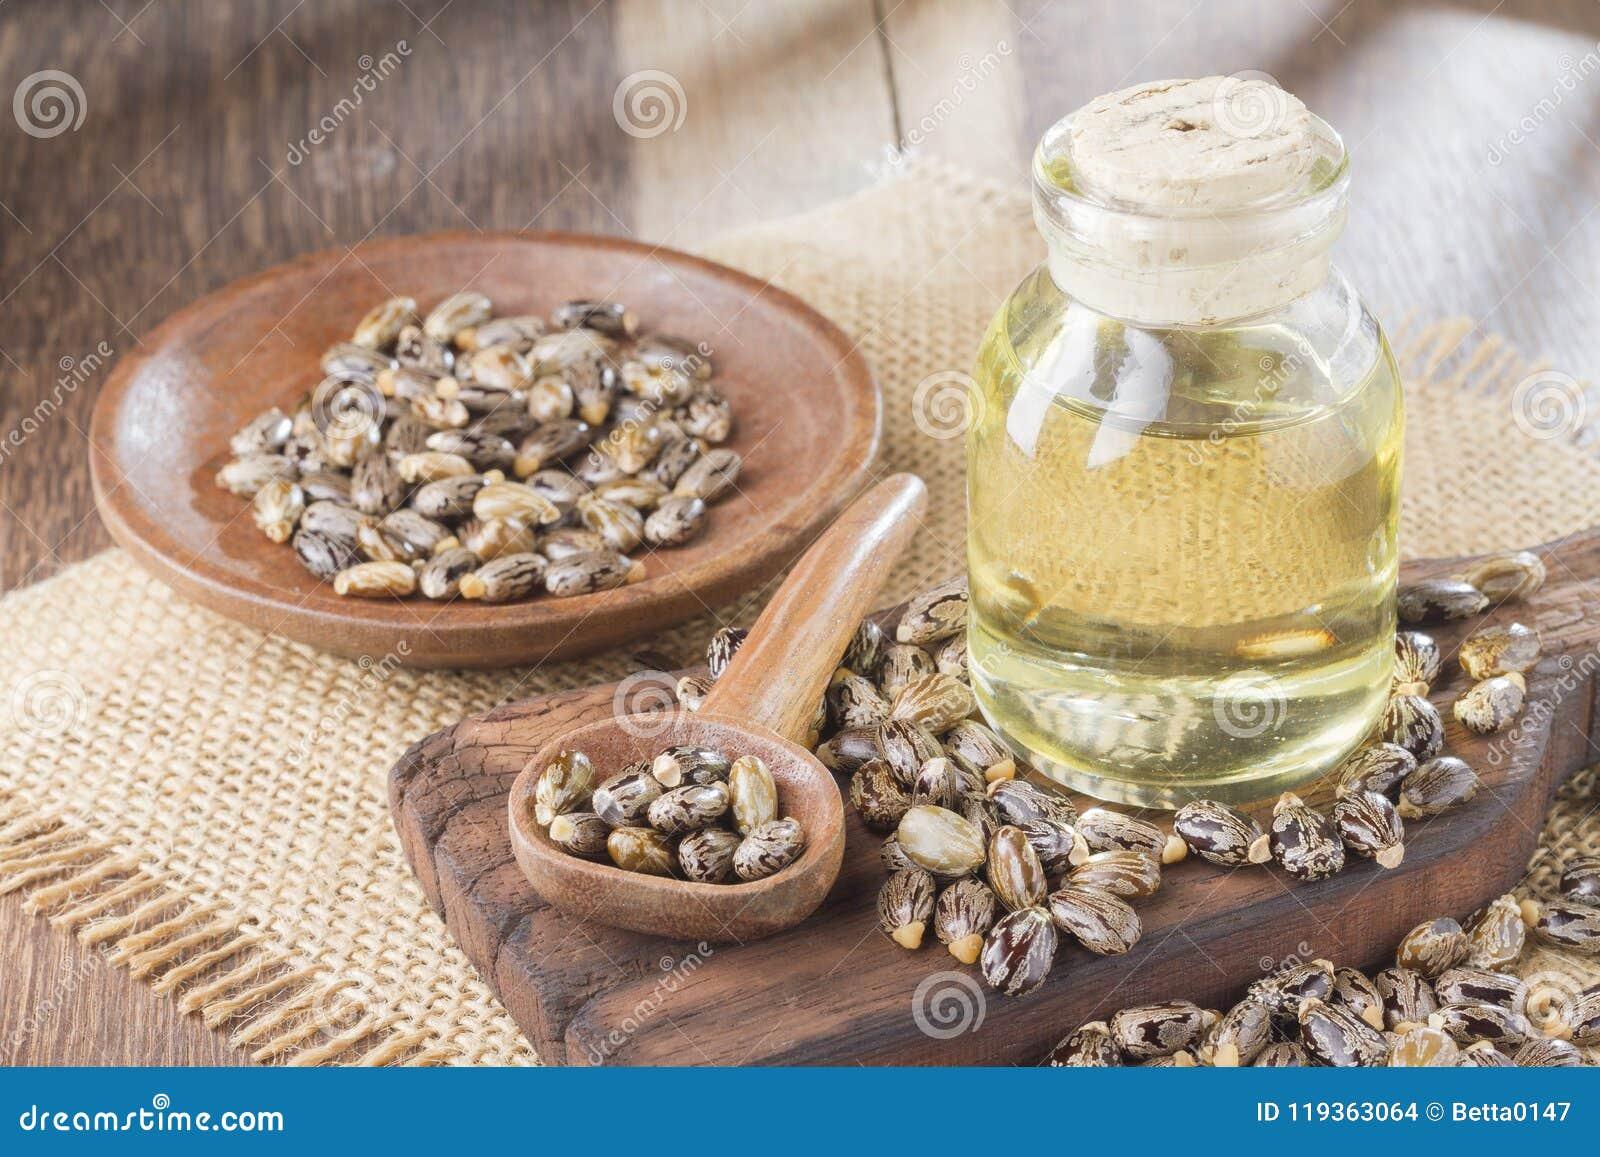 Zaden en castorolie op de houten lijst - communis Ricinus